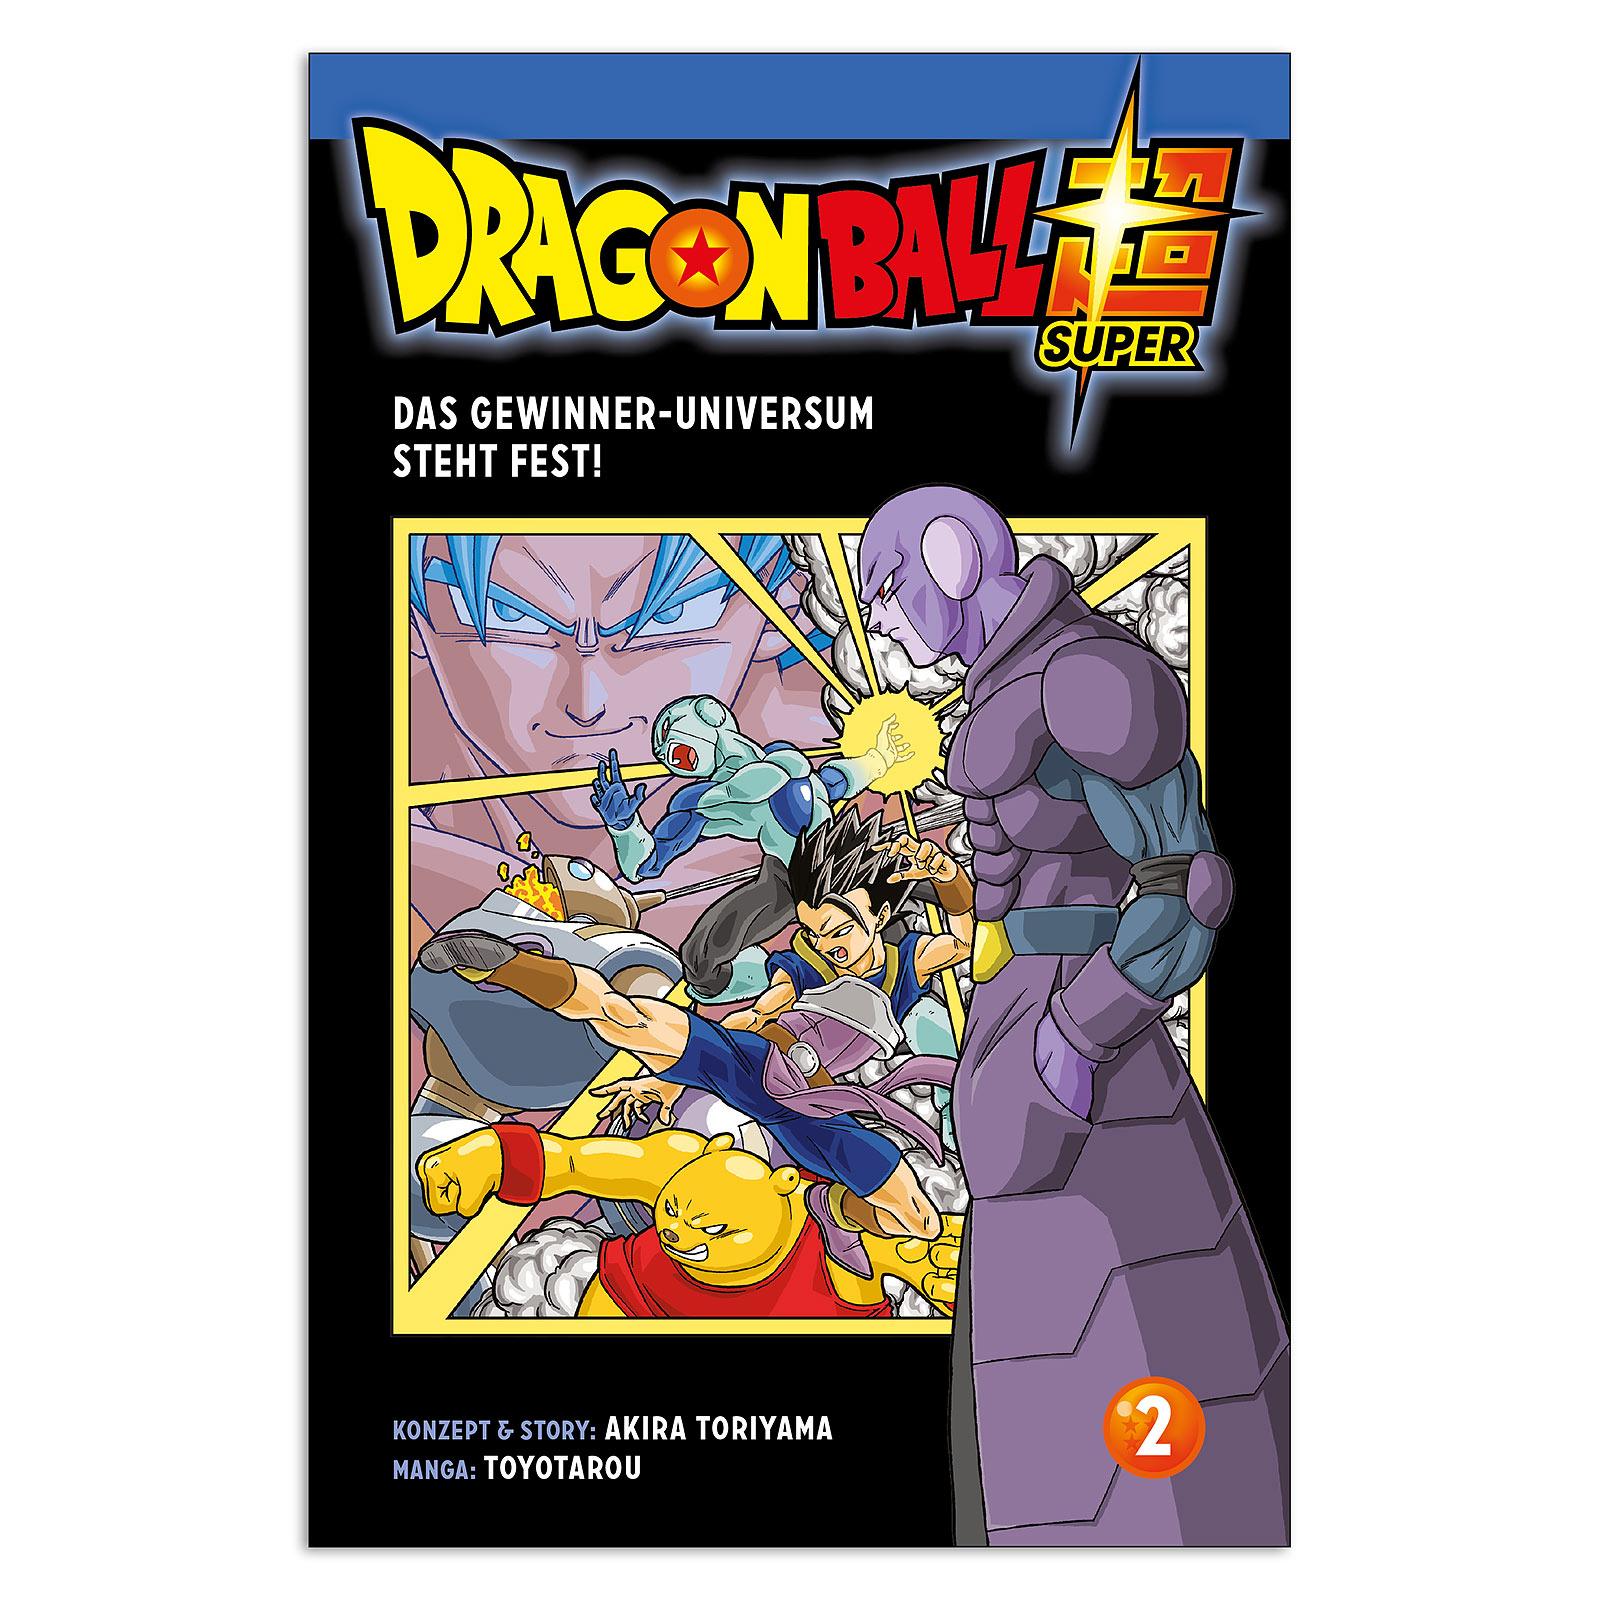 Dragon Ball Super - Das Gewinner-Universum steht fest! Band 2 Taschenbuch